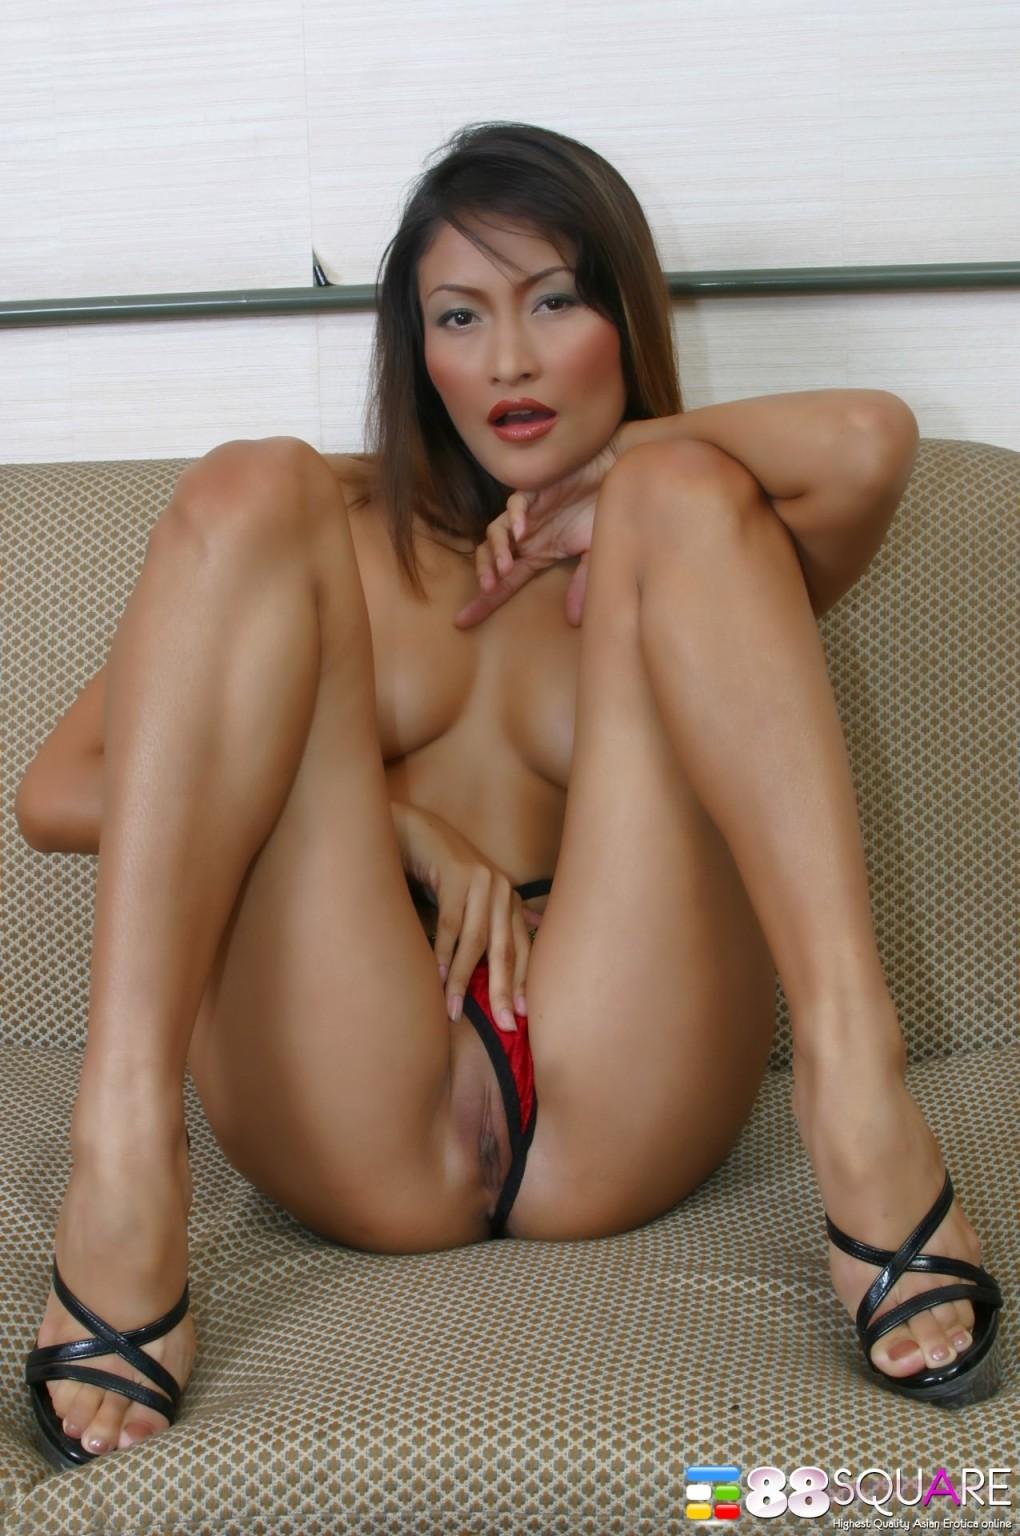 Asian girls porno site